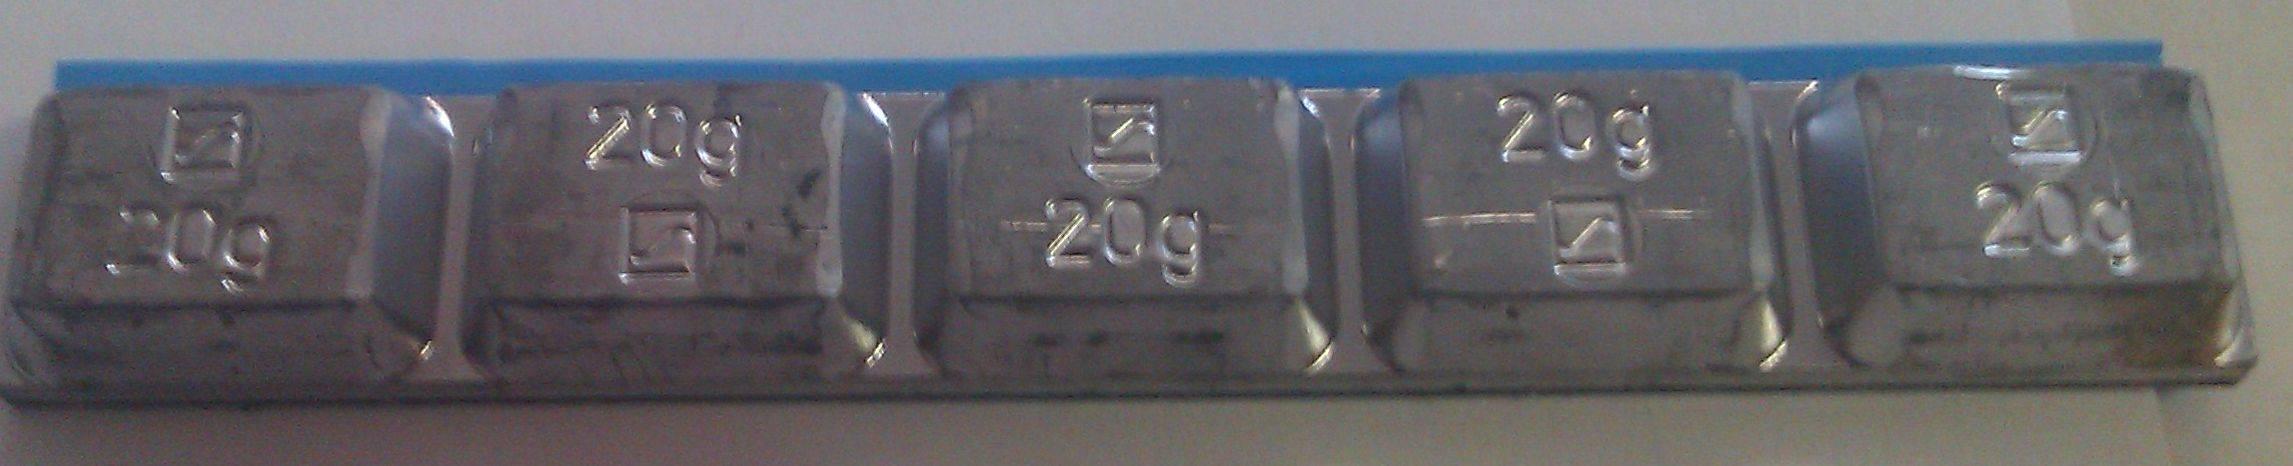 PB  stickwheel  weights